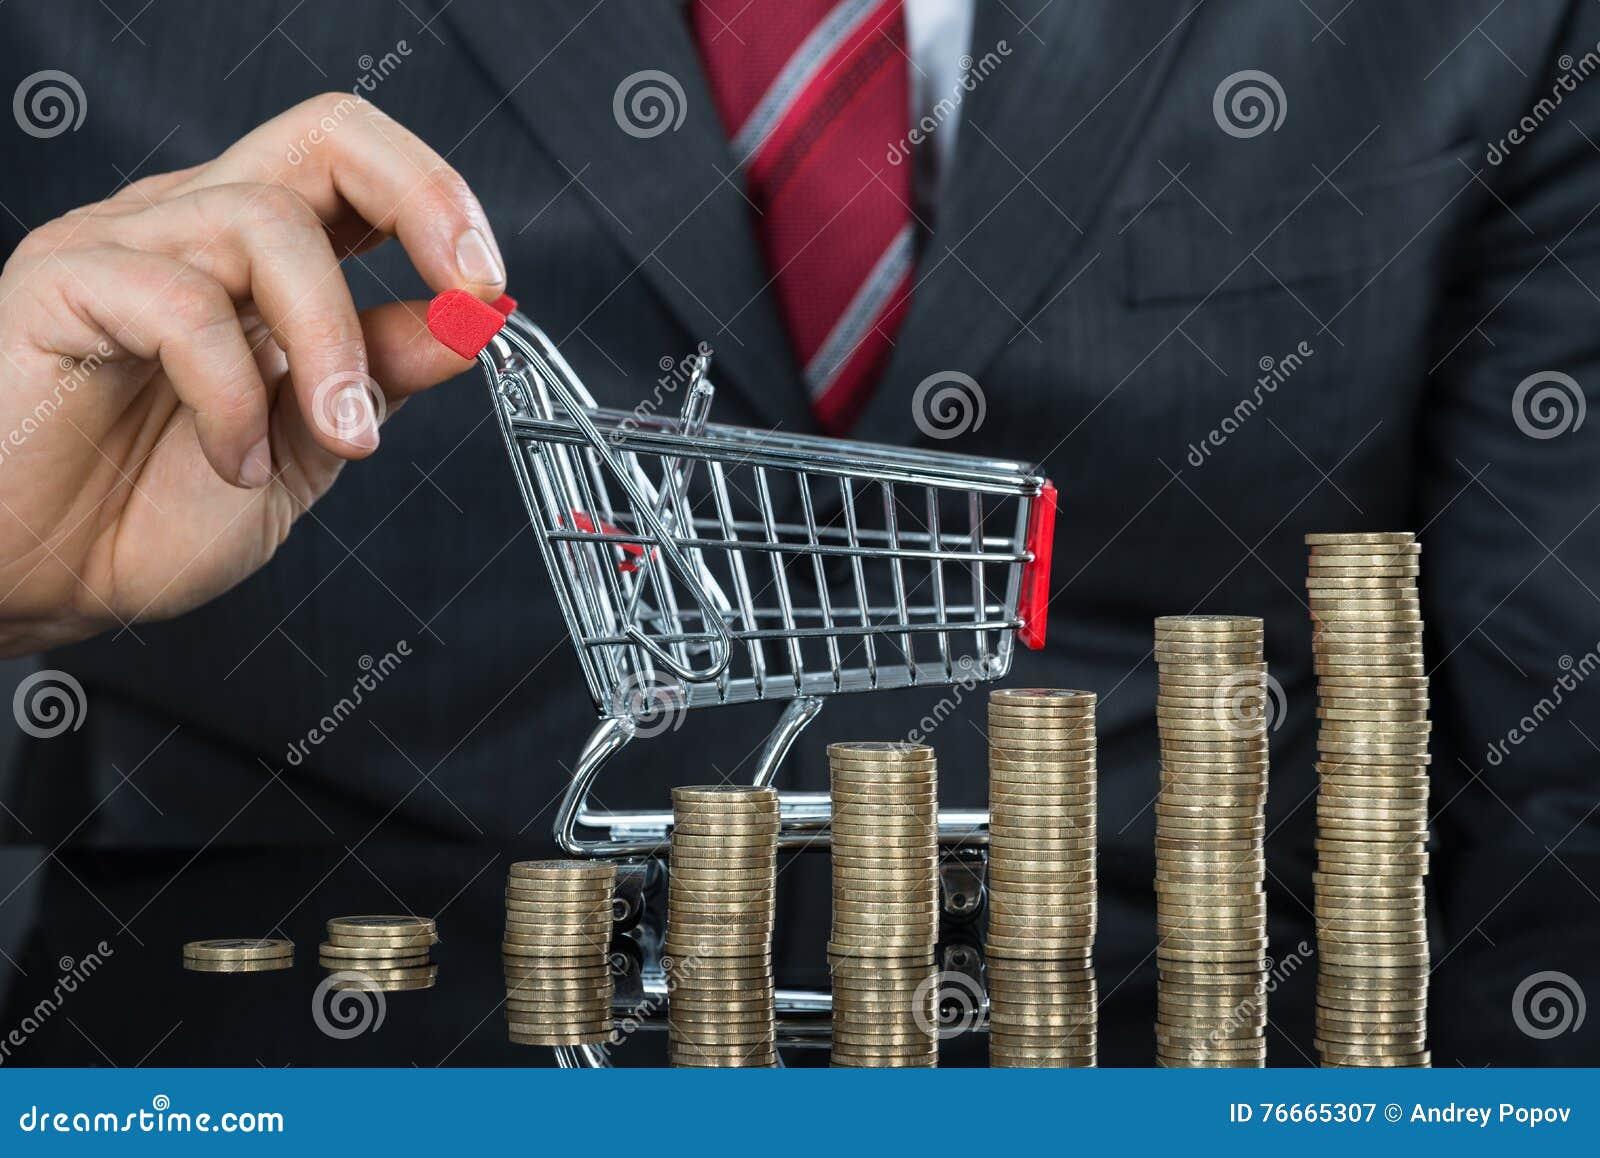 Zakończenie biznesmen Z stertą monety I wózek na zakupy